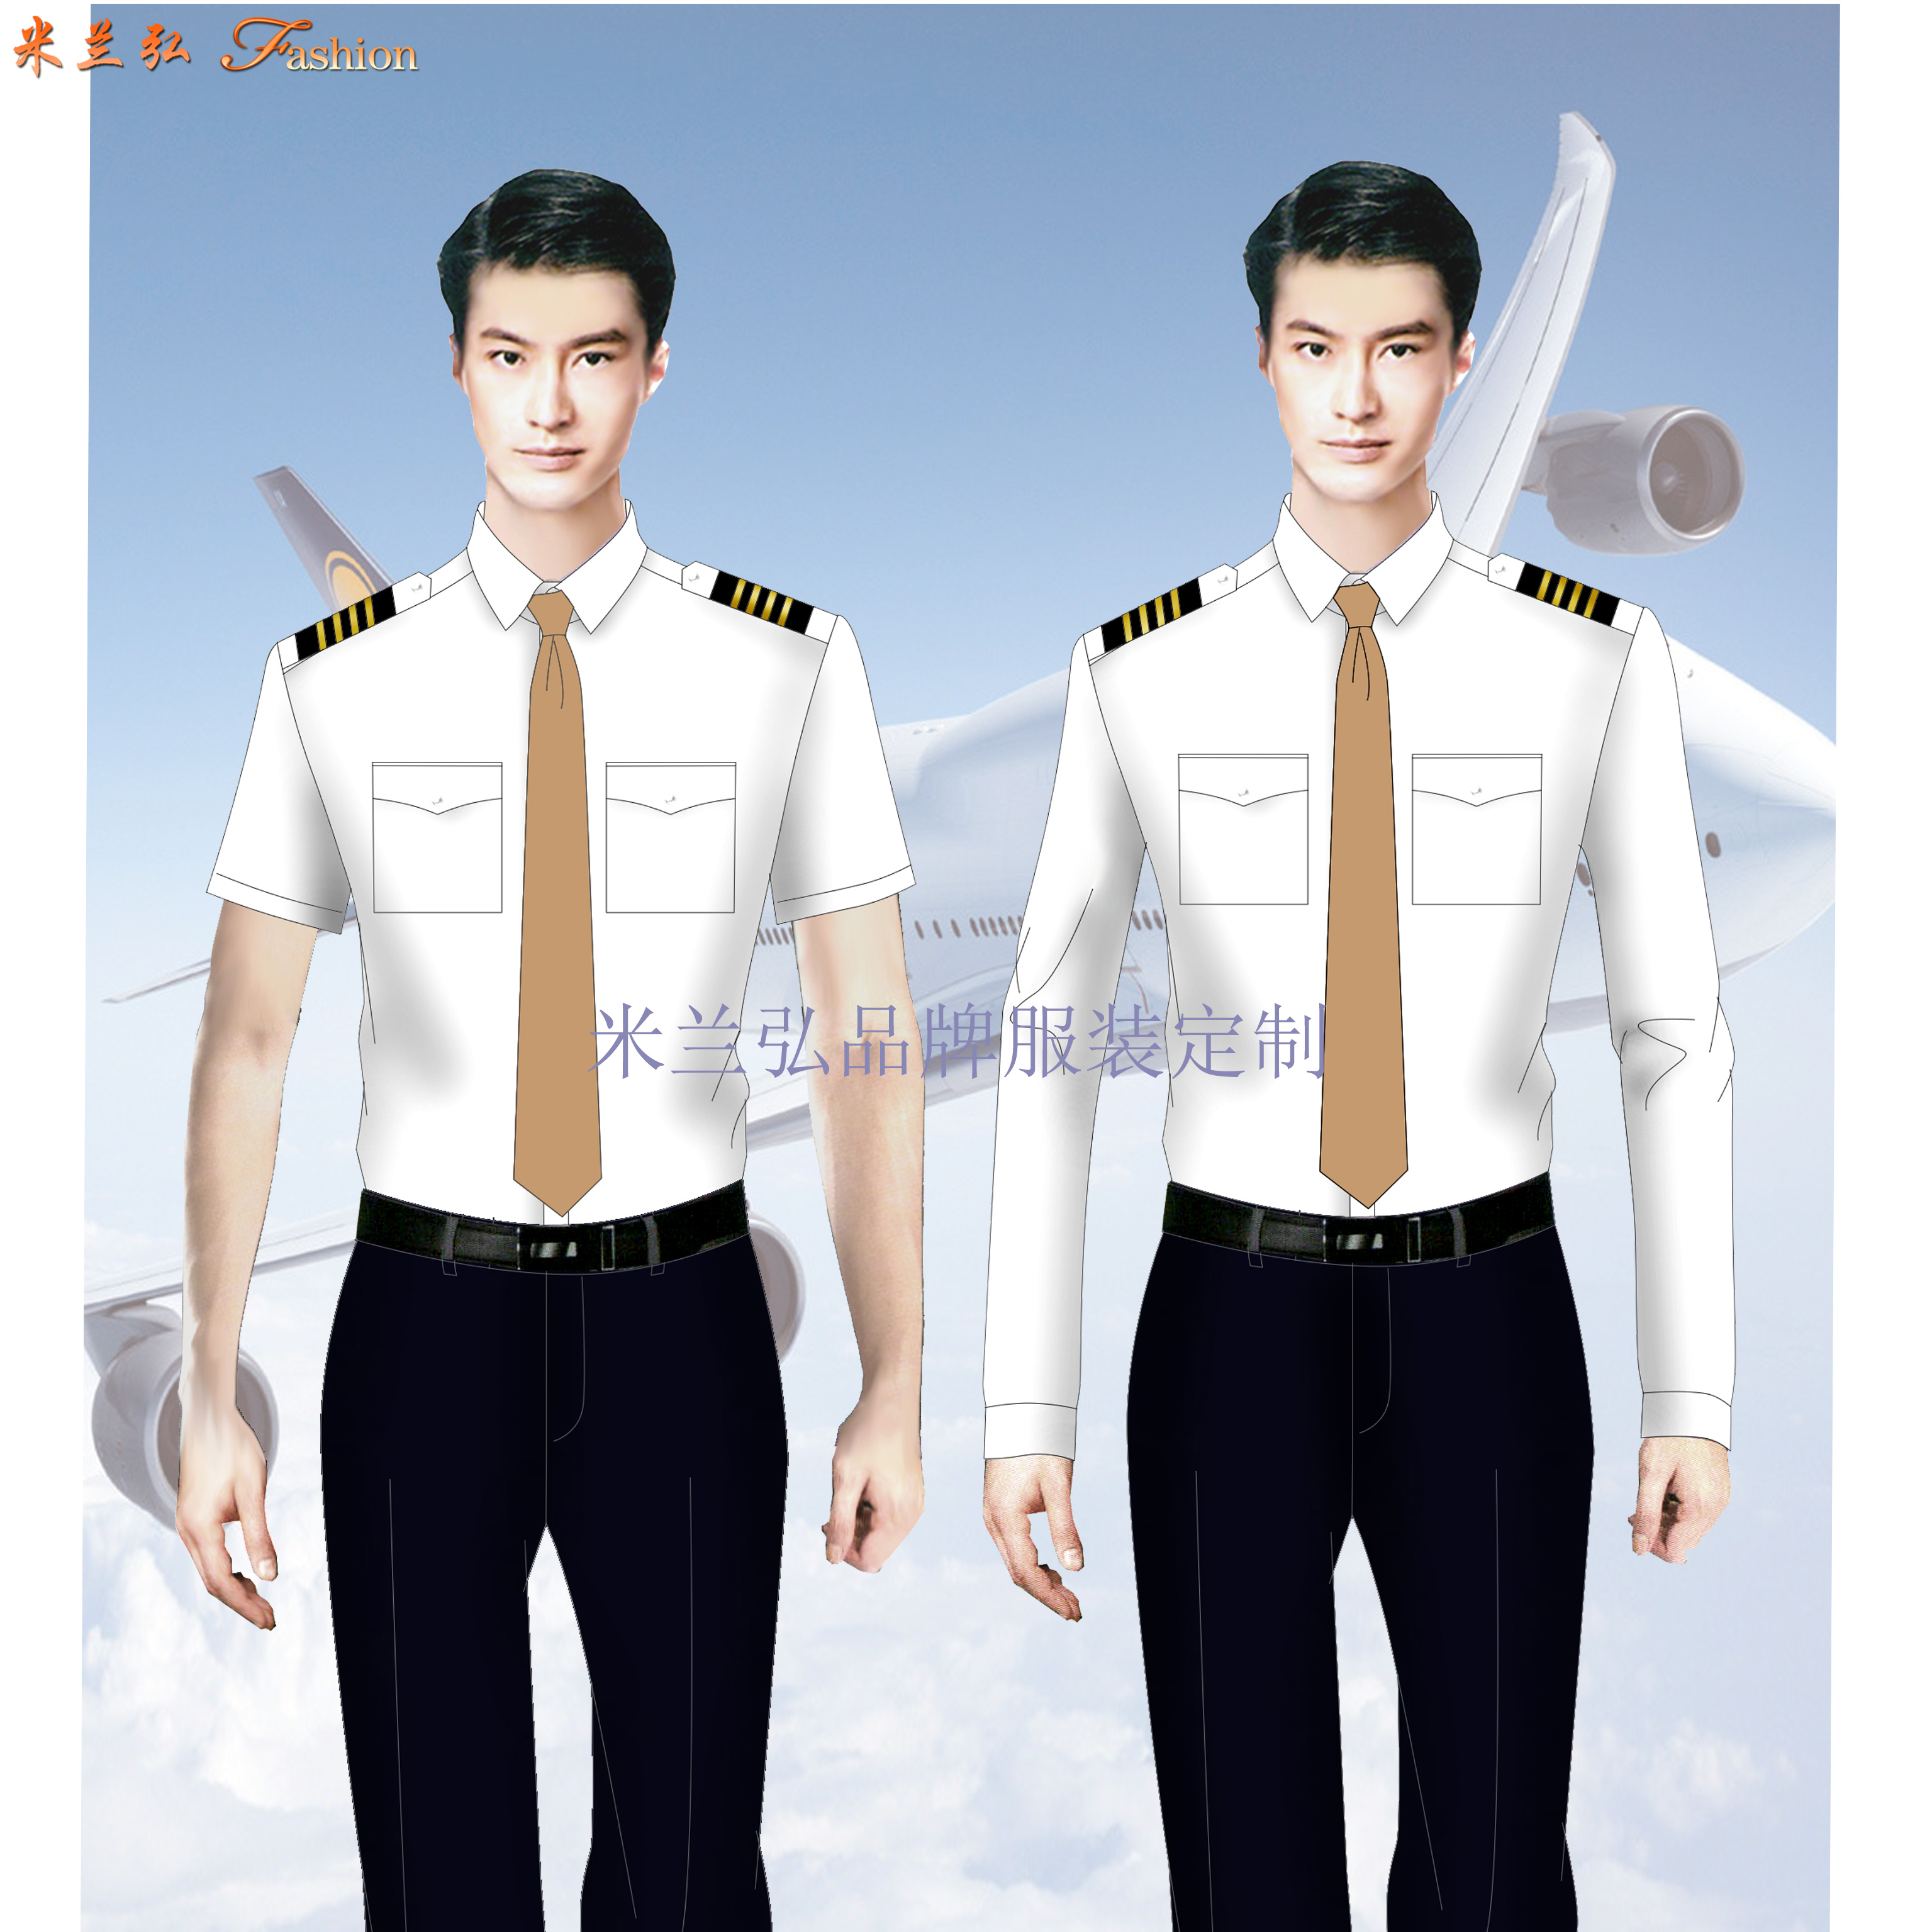 航空機長制服|圖片_價格_參數_面料_尺寸-米蘭弘服裝-2